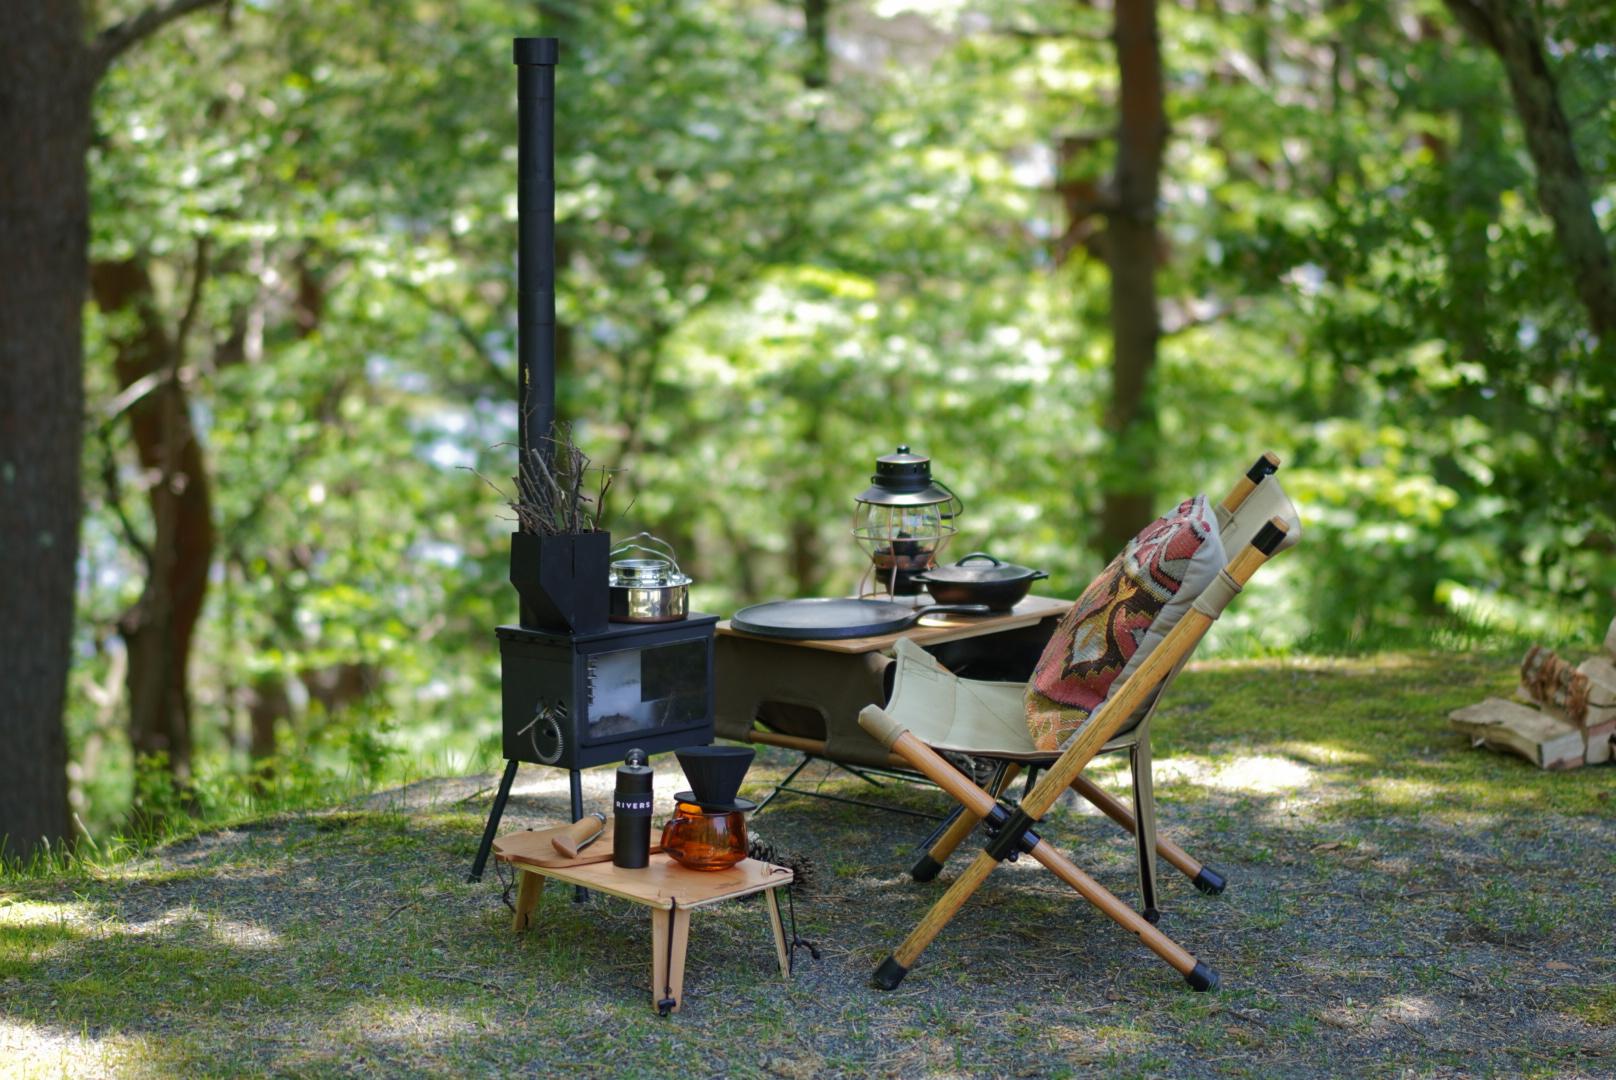 ロケットストーブ「Ammo stove standard」